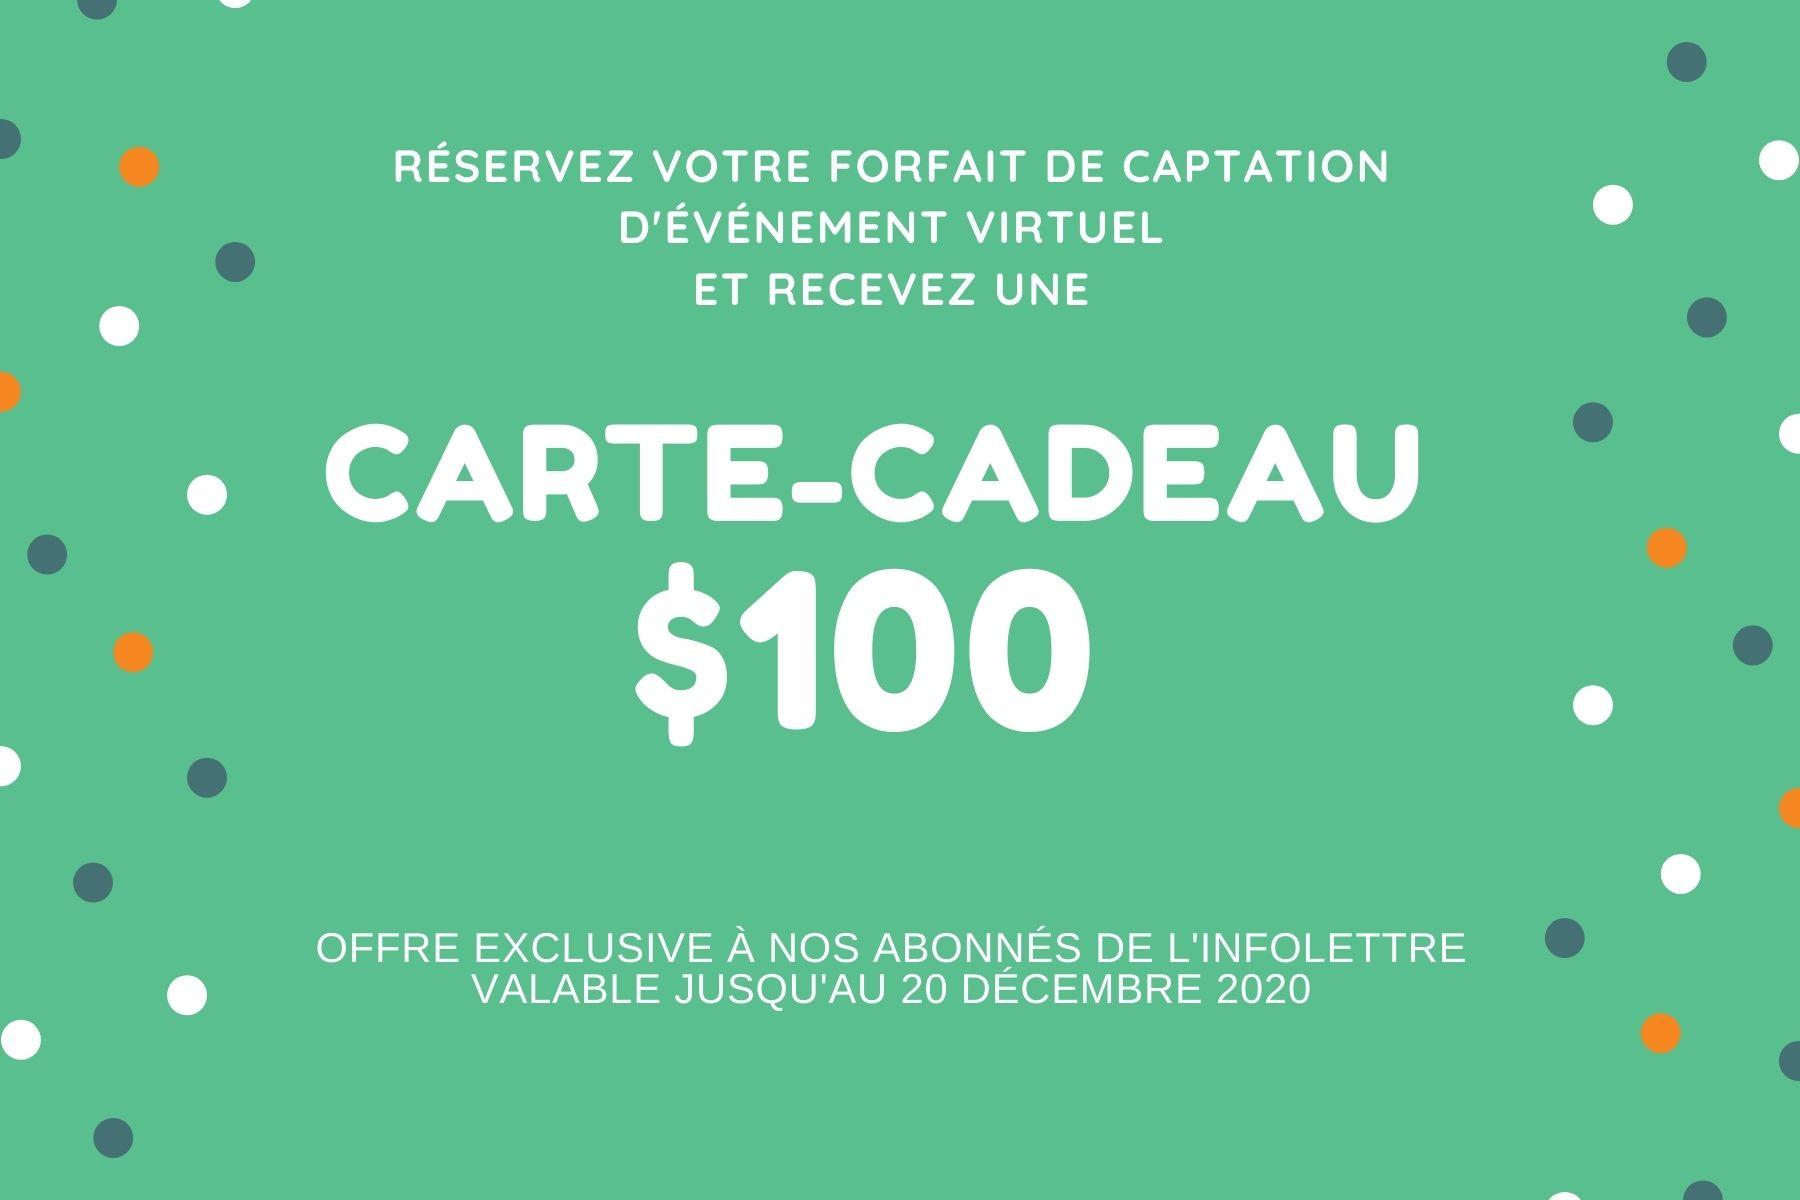 Carte-cadeau 100$ promo novembre 2020